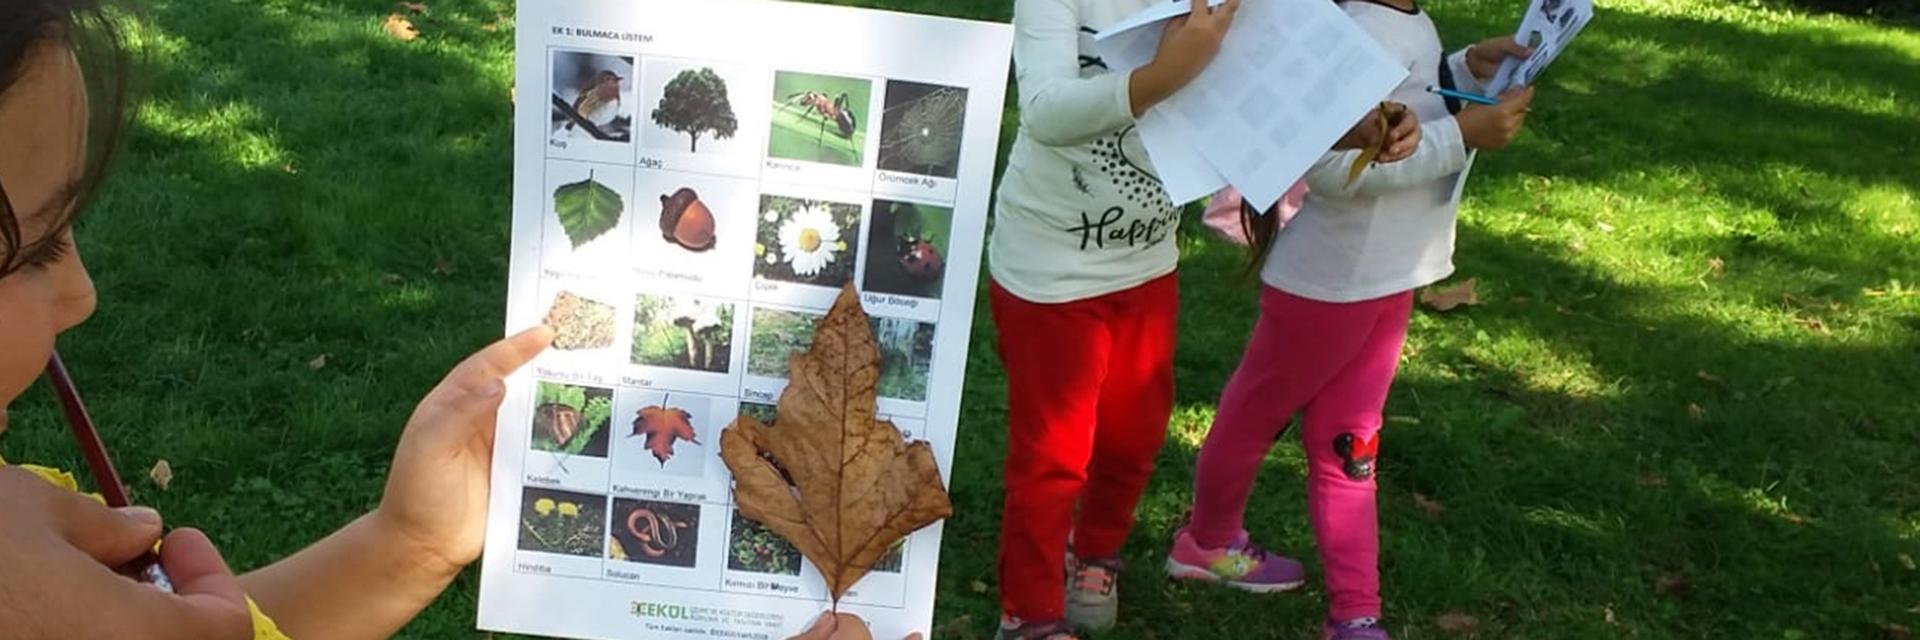 Ağaçların Diliyle Kentim Programı Tamamlandı